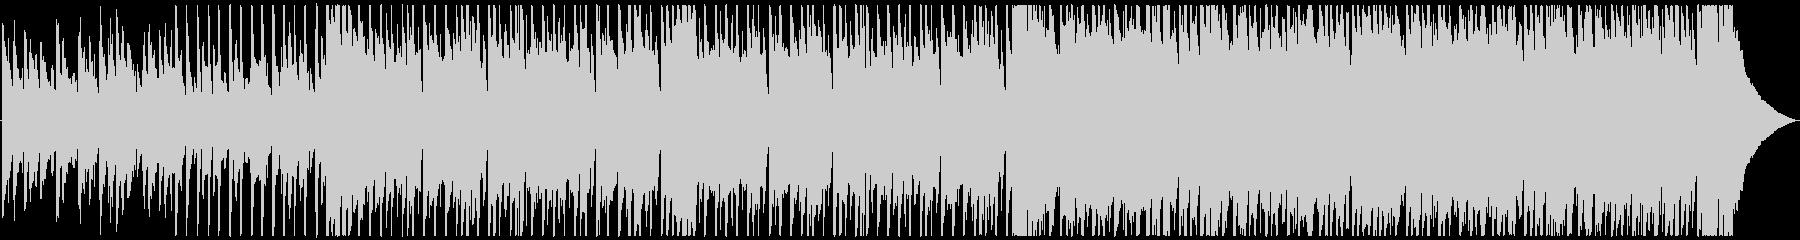 【ハーフサイズ】前向き・軽快ピアノポップの未再生の波形